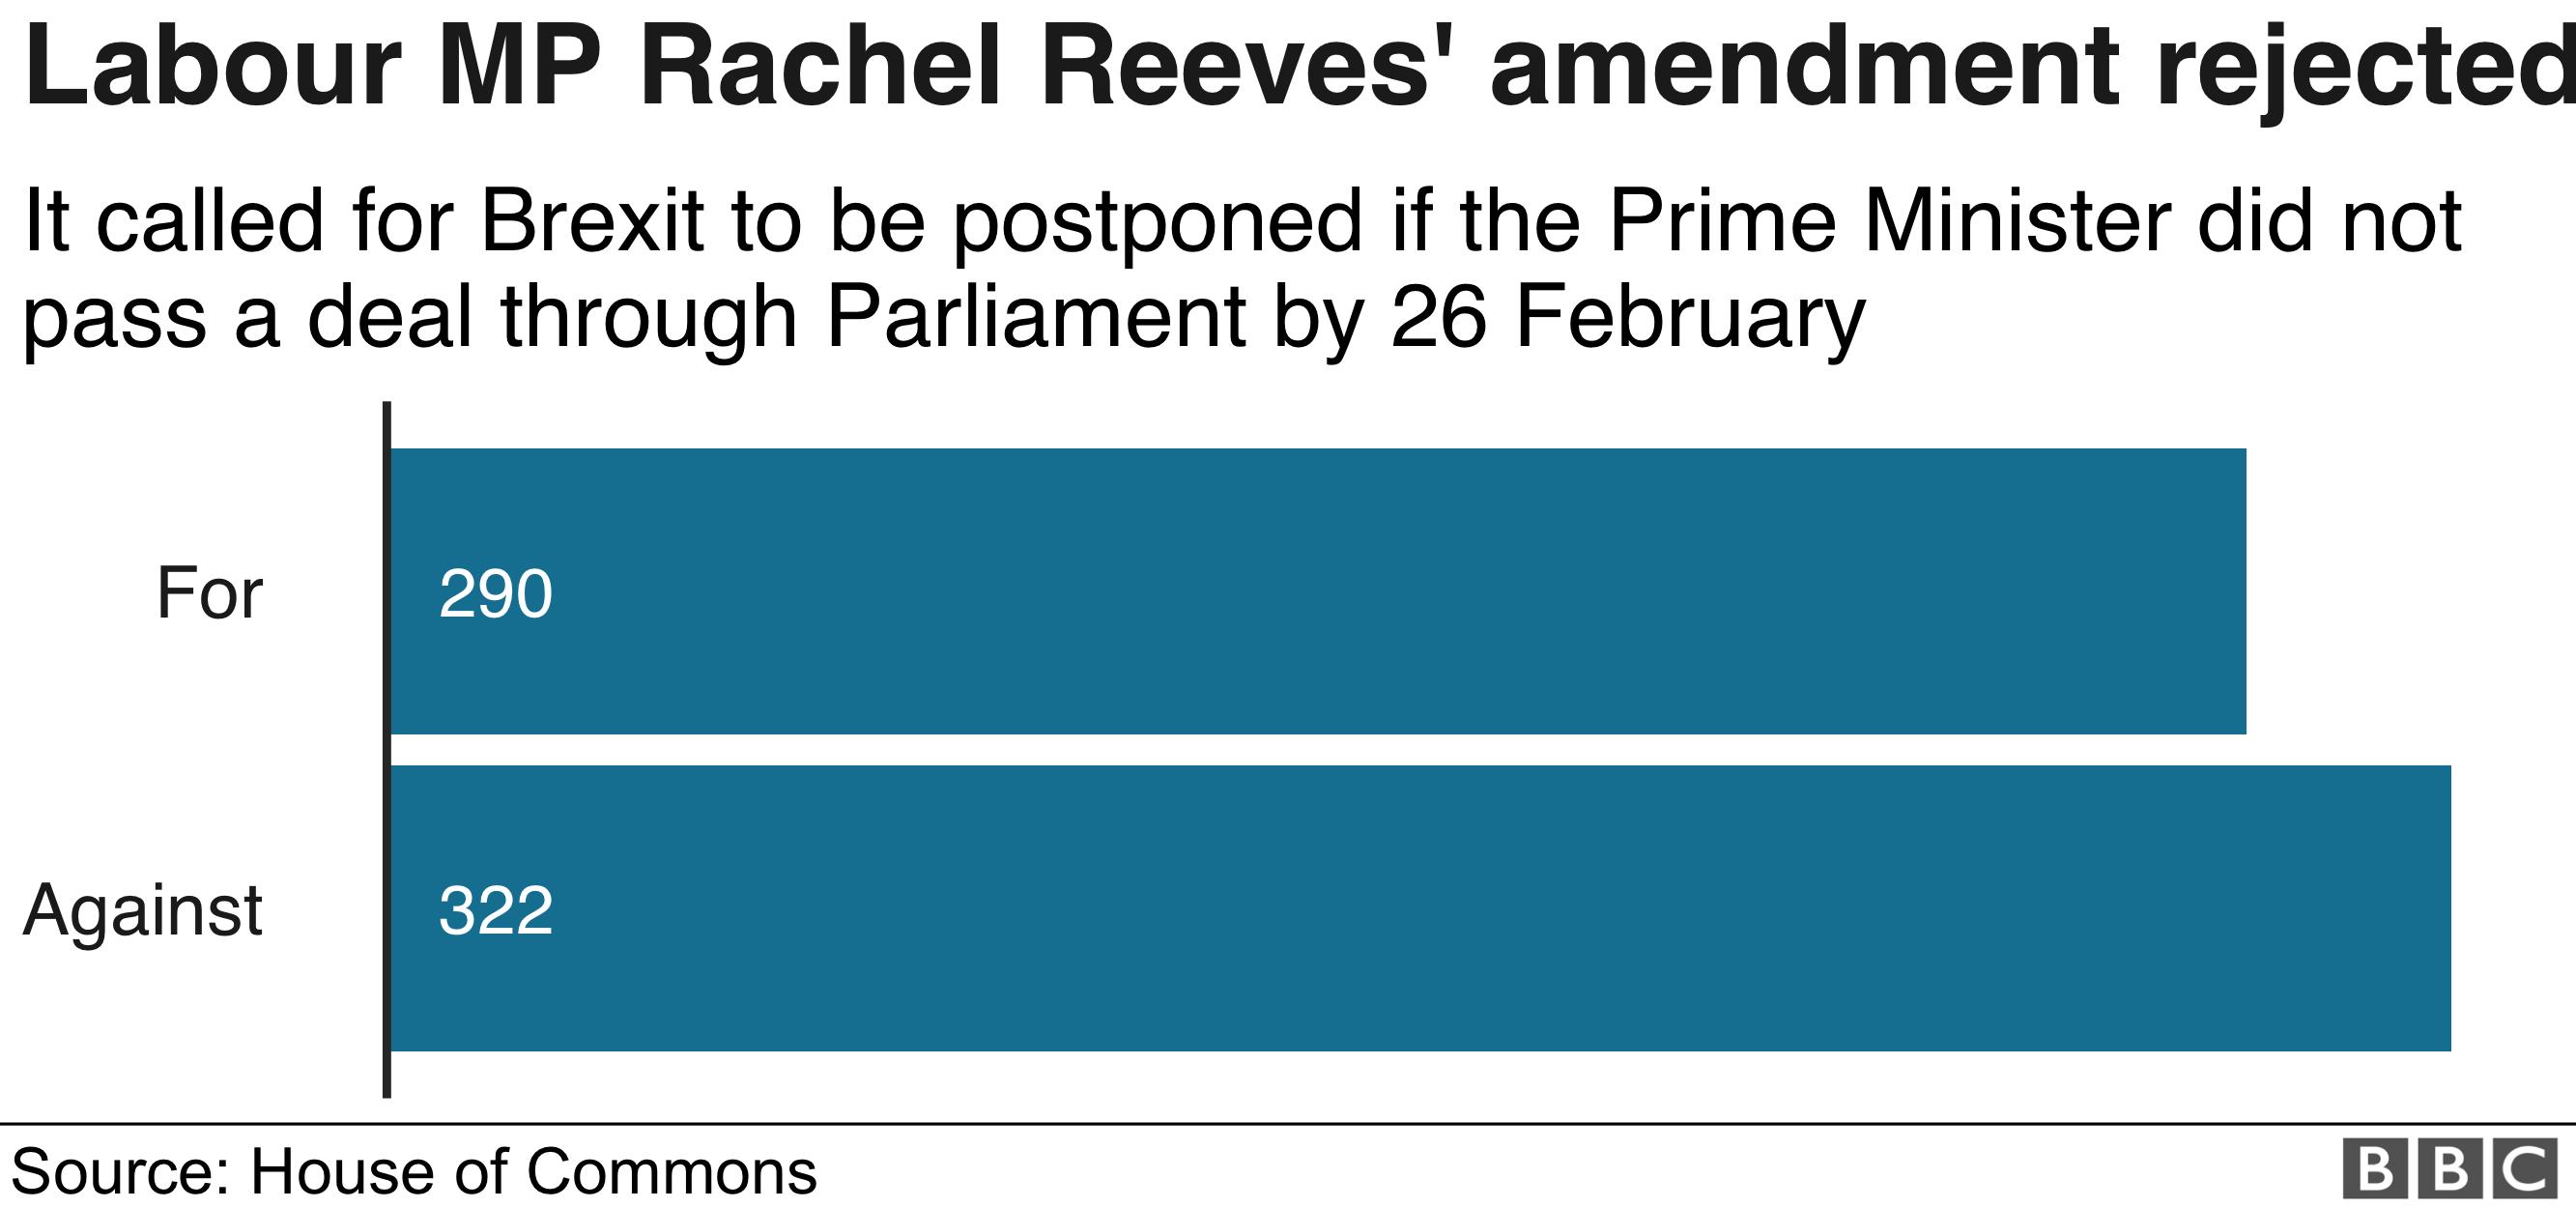 График поправок Ривза с отображением голосов